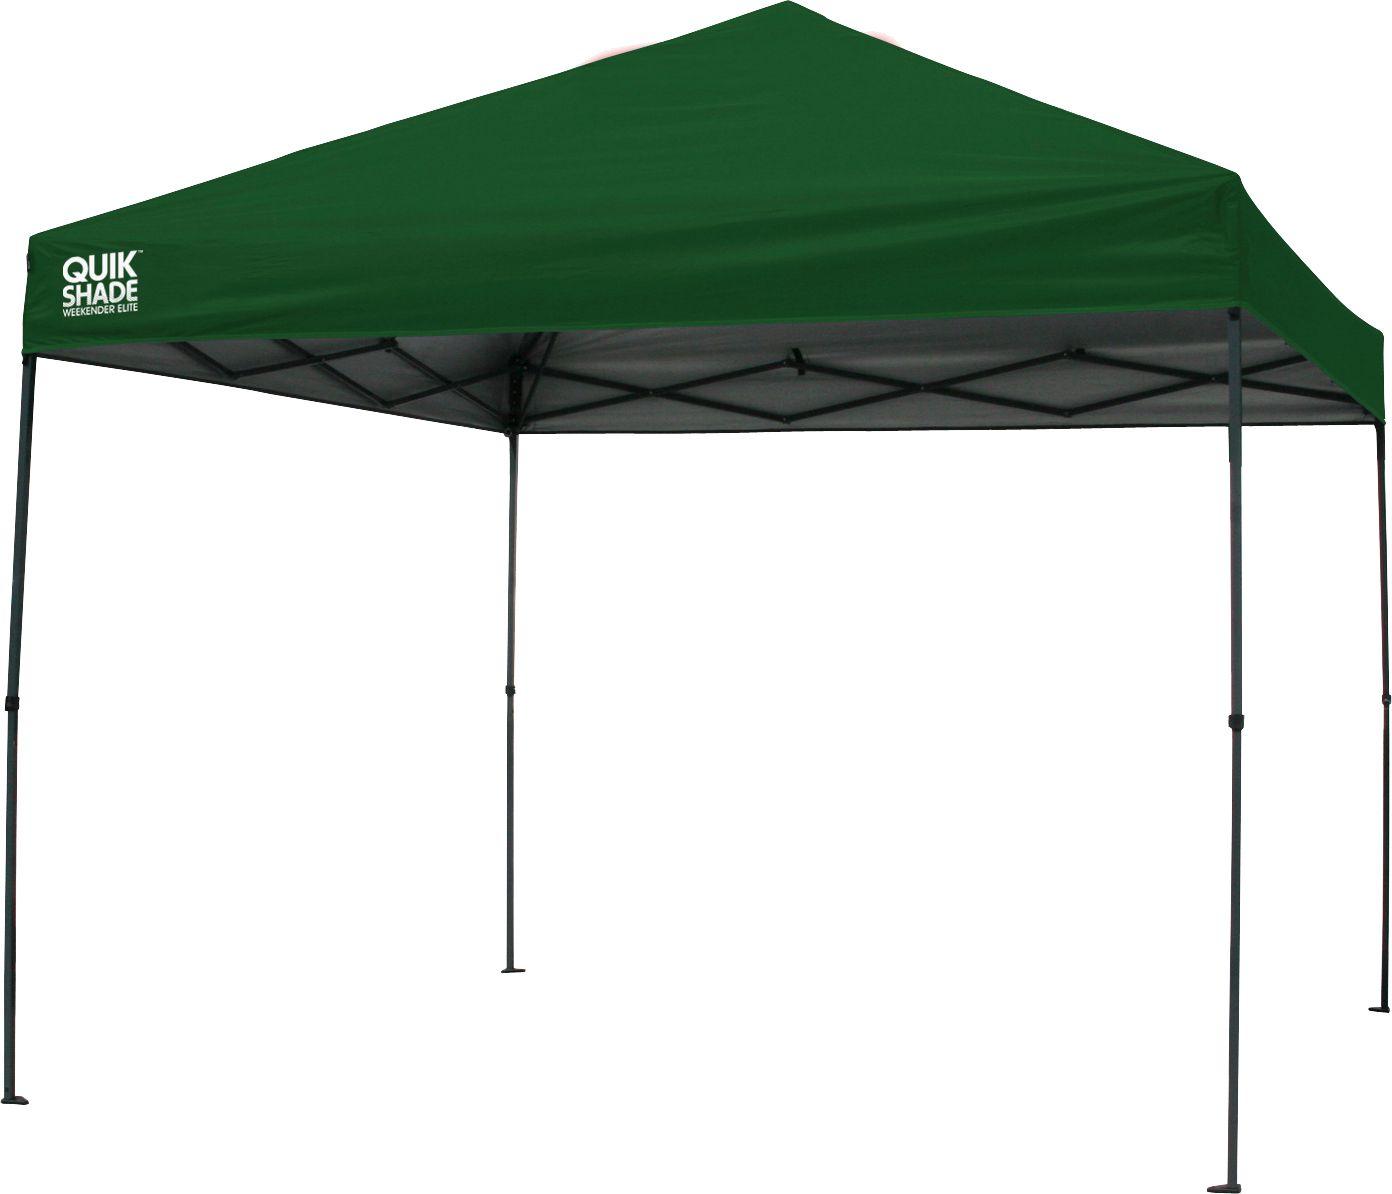 noImageFound  sc 1 st  DICKu0027S Sporting Goods & Quik Shade Weekender Elite WE100 10u0027 x 10u0027 Instant Canopy   DICKu0027S ...